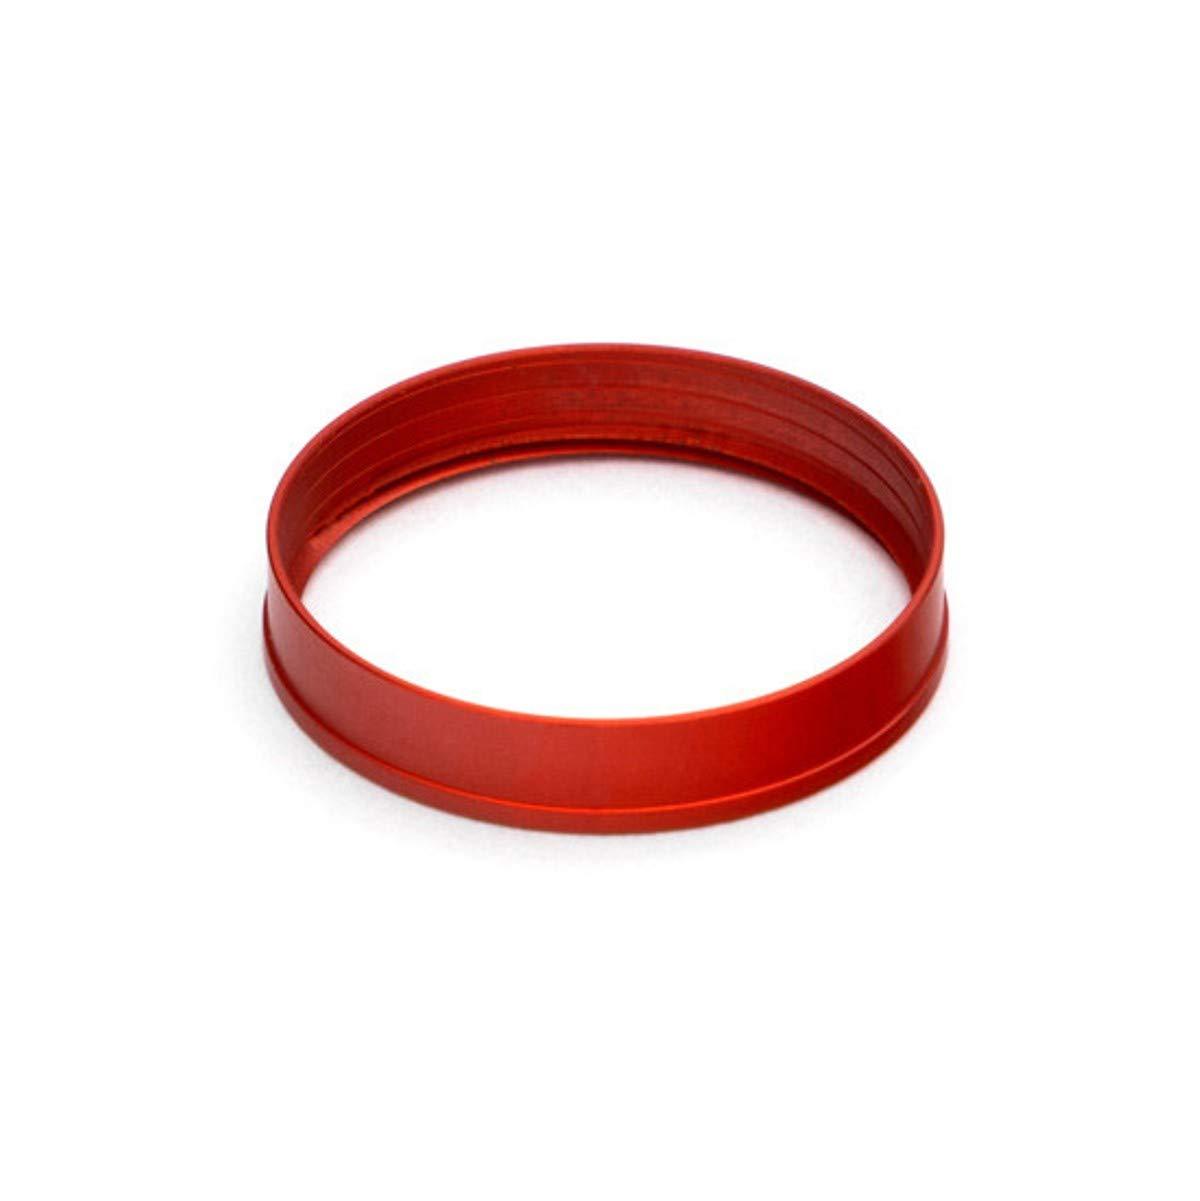 EKWB EK-Torque STC-12/16 Color Rings, Red, 10-Pack